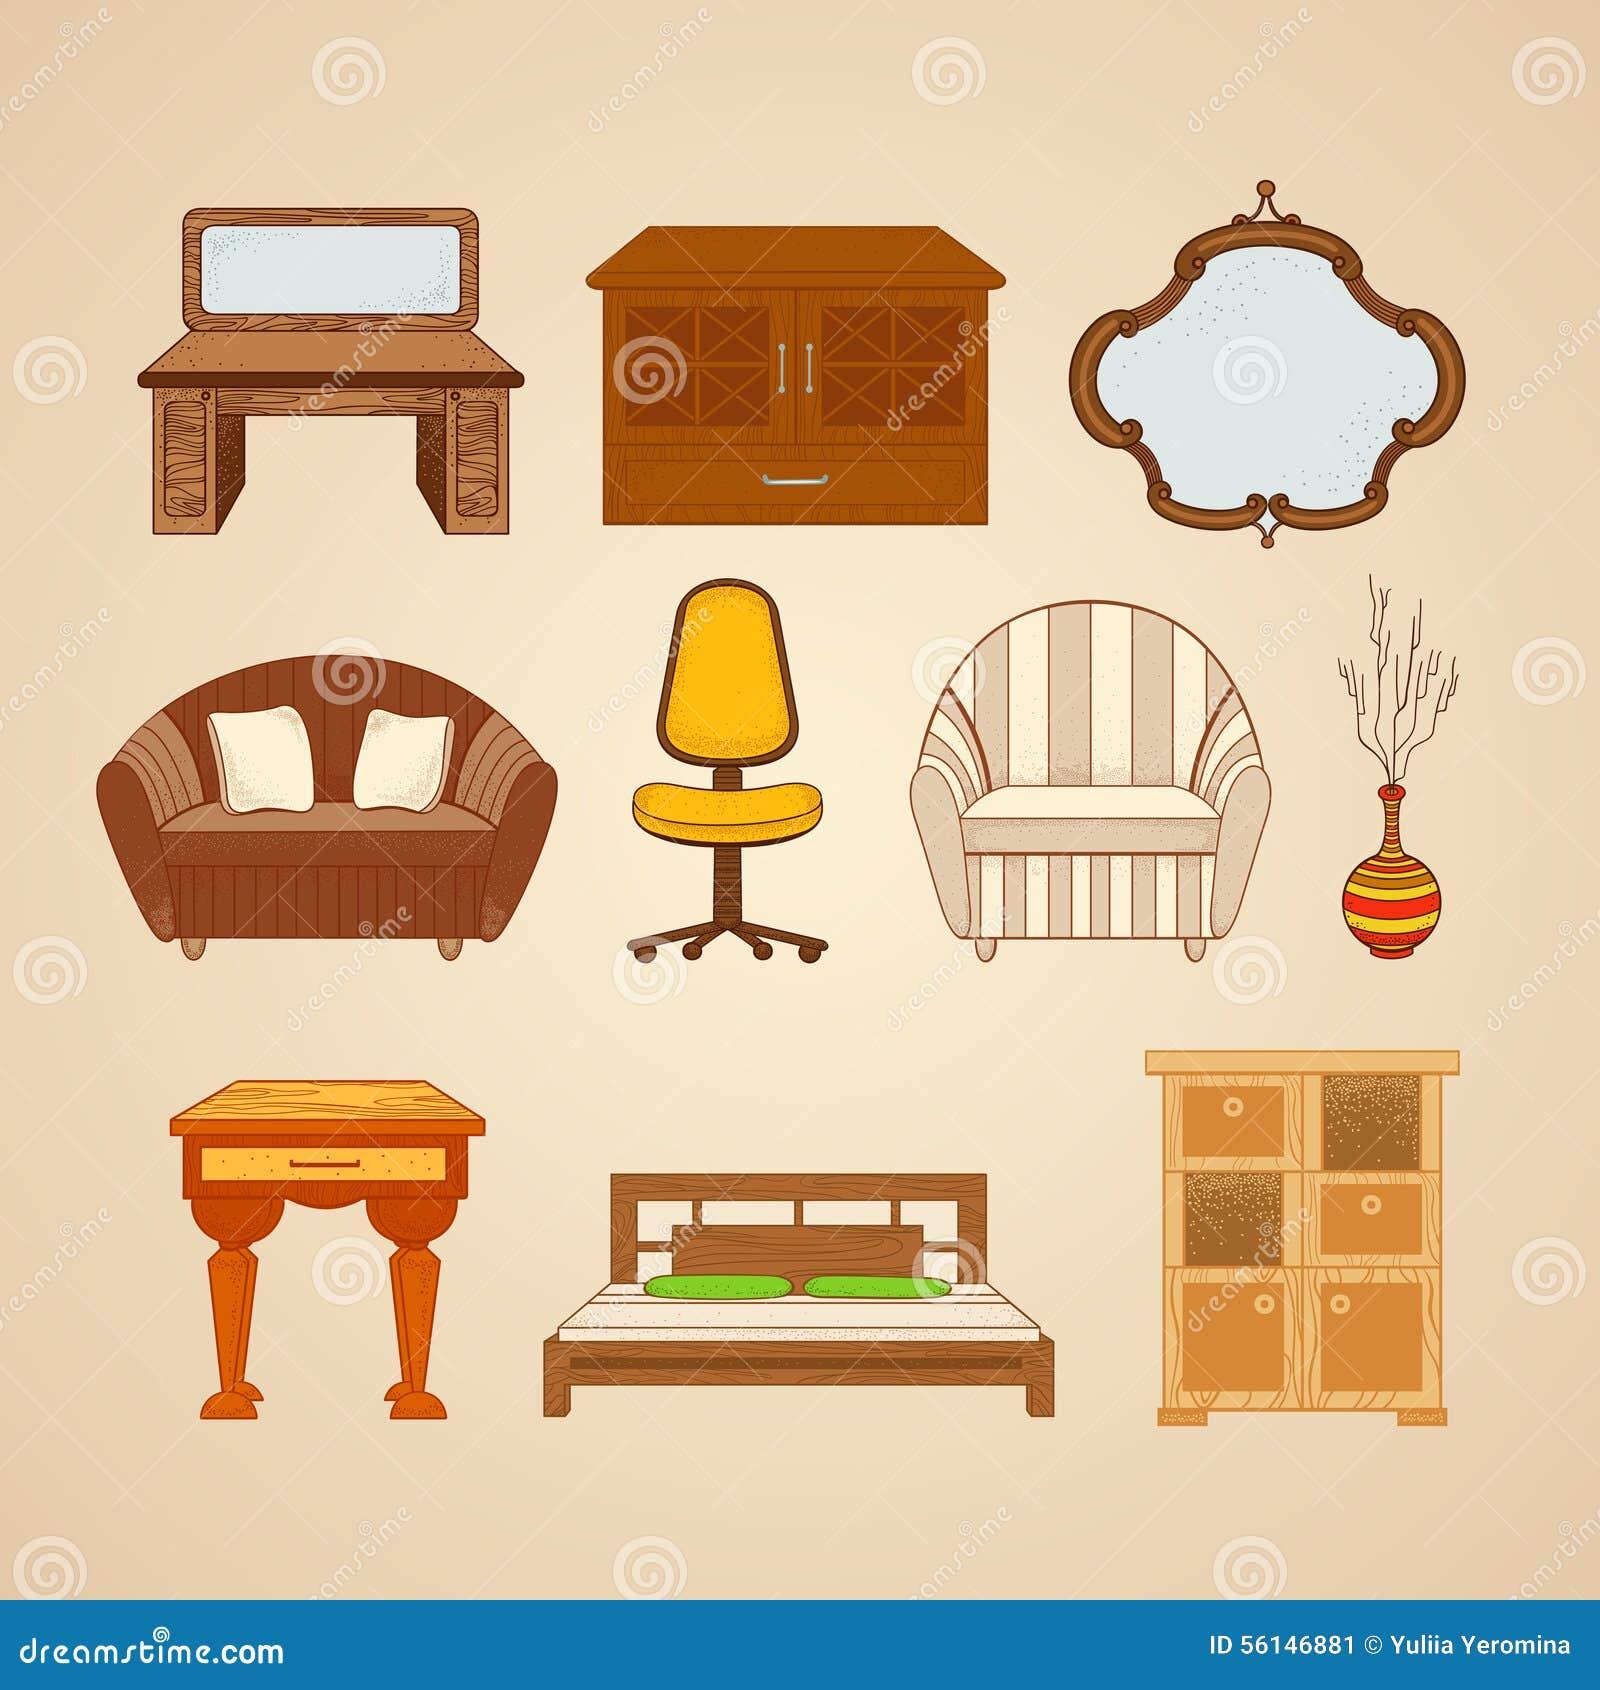 Home furnishings icons set grunge style cartoon vector for Articulos originales para el hogar